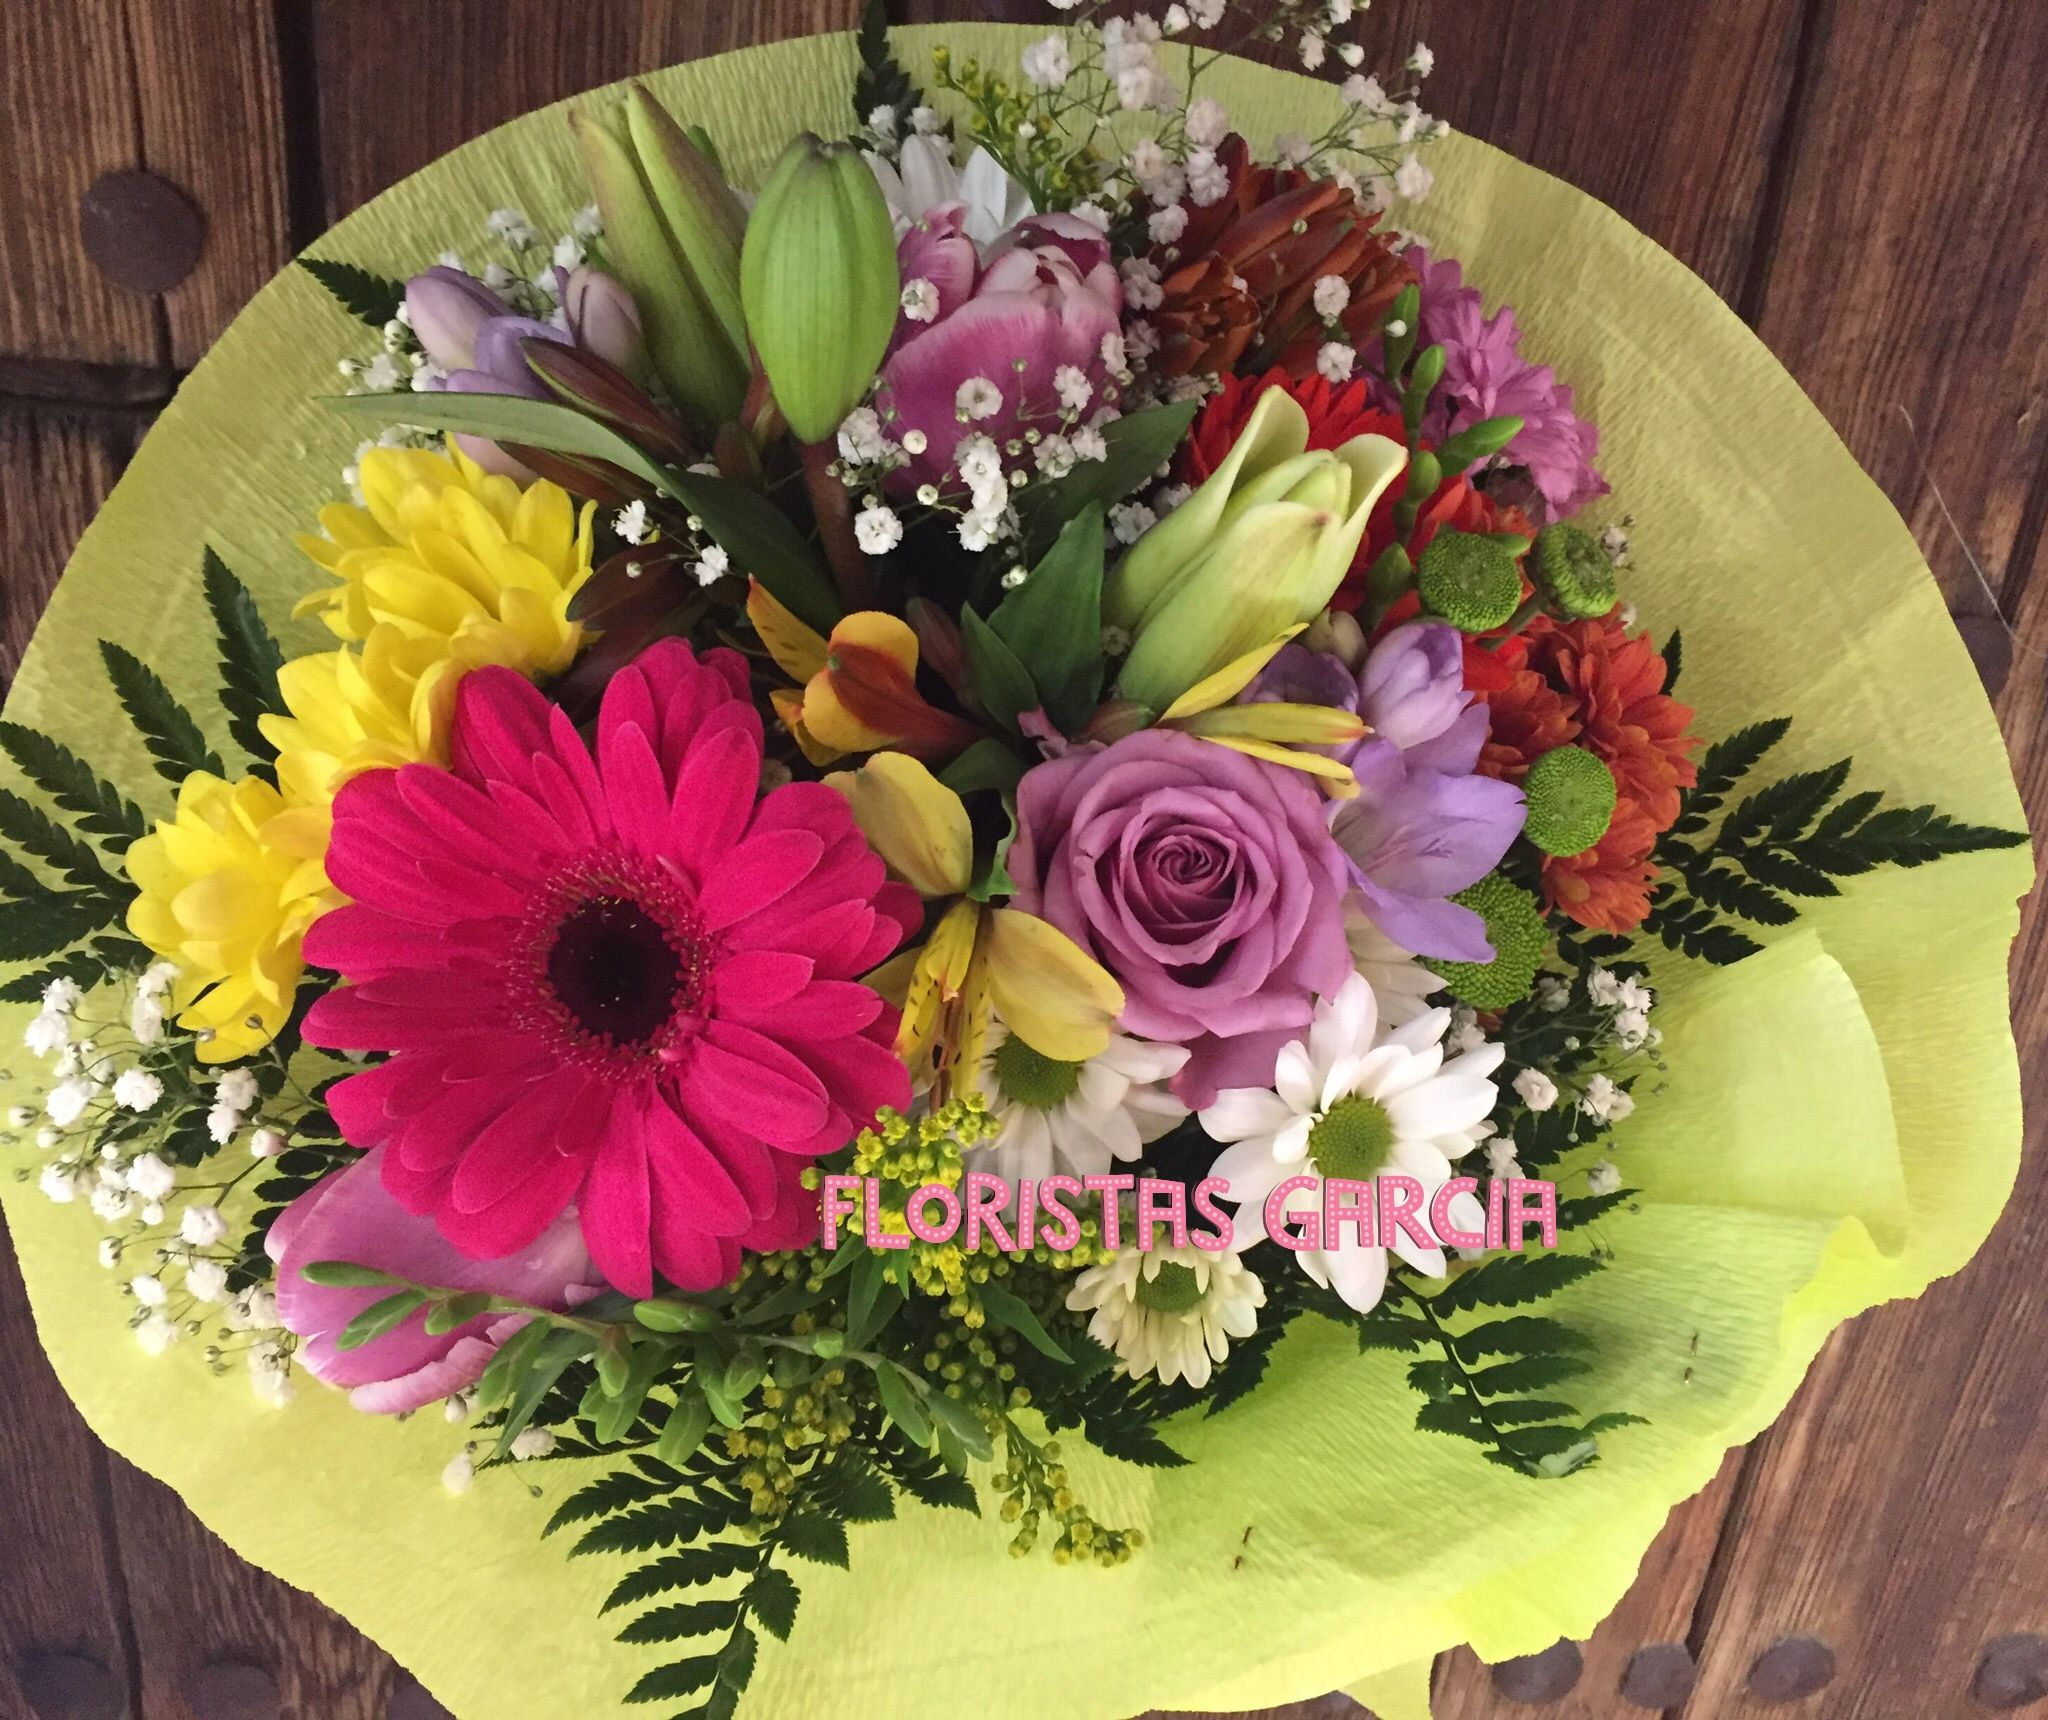 Líder En Envío Floral Pago Seguro Envio A Domicilio 365 Días Al Año Arreglos Florales Ramos Flores